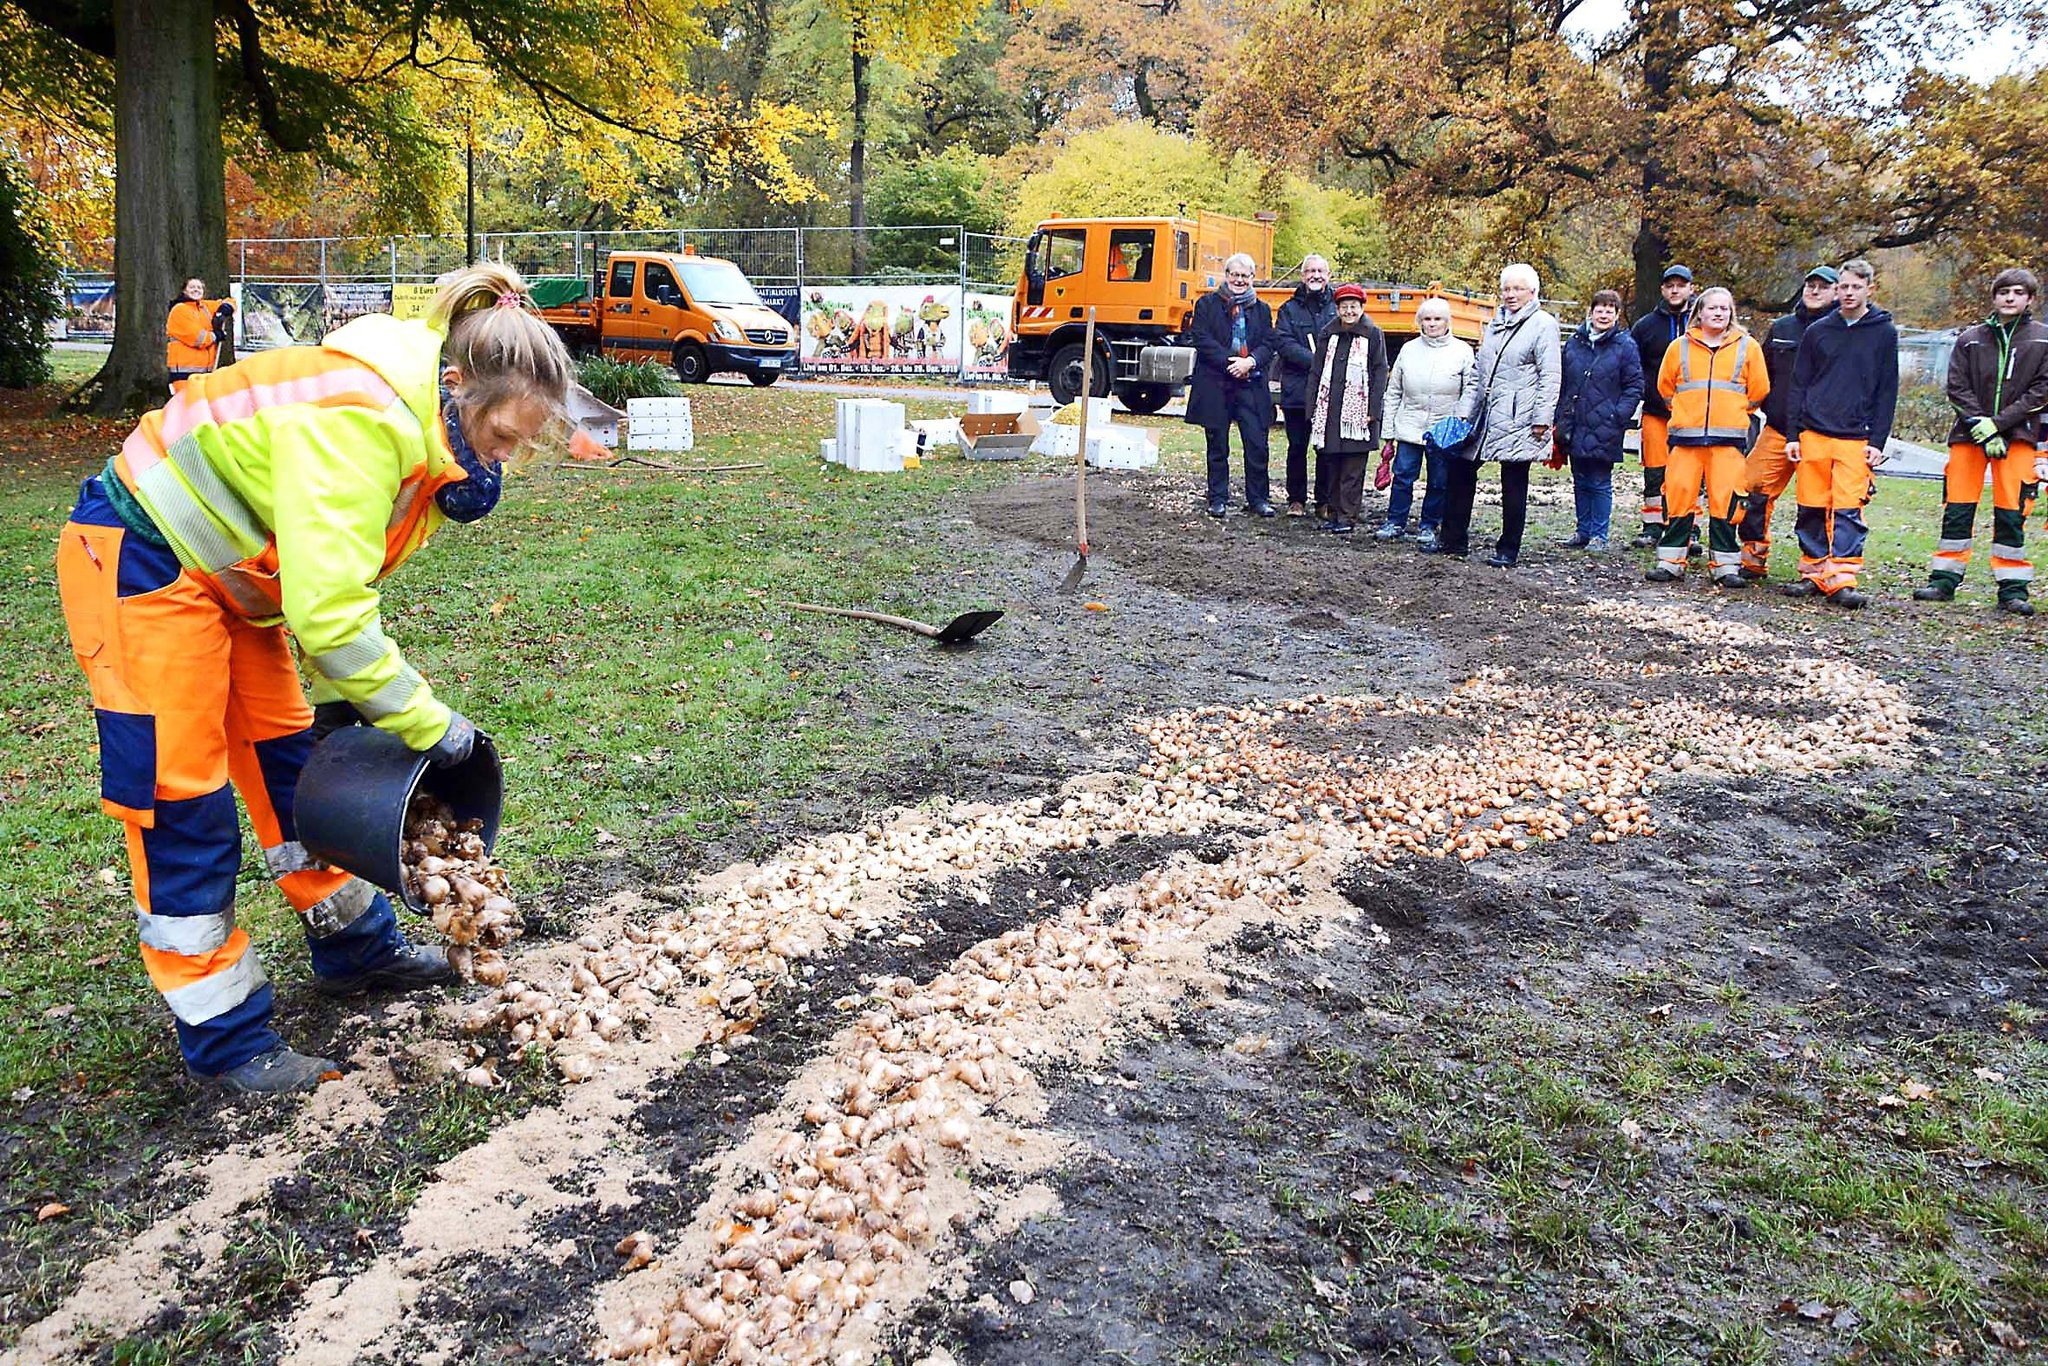 Vereinsspende des Freundeskreises: 10.000 Frühlingsblumenzwiebeln für den Fredenbaumpark gesetzt - Lokalkompass.de